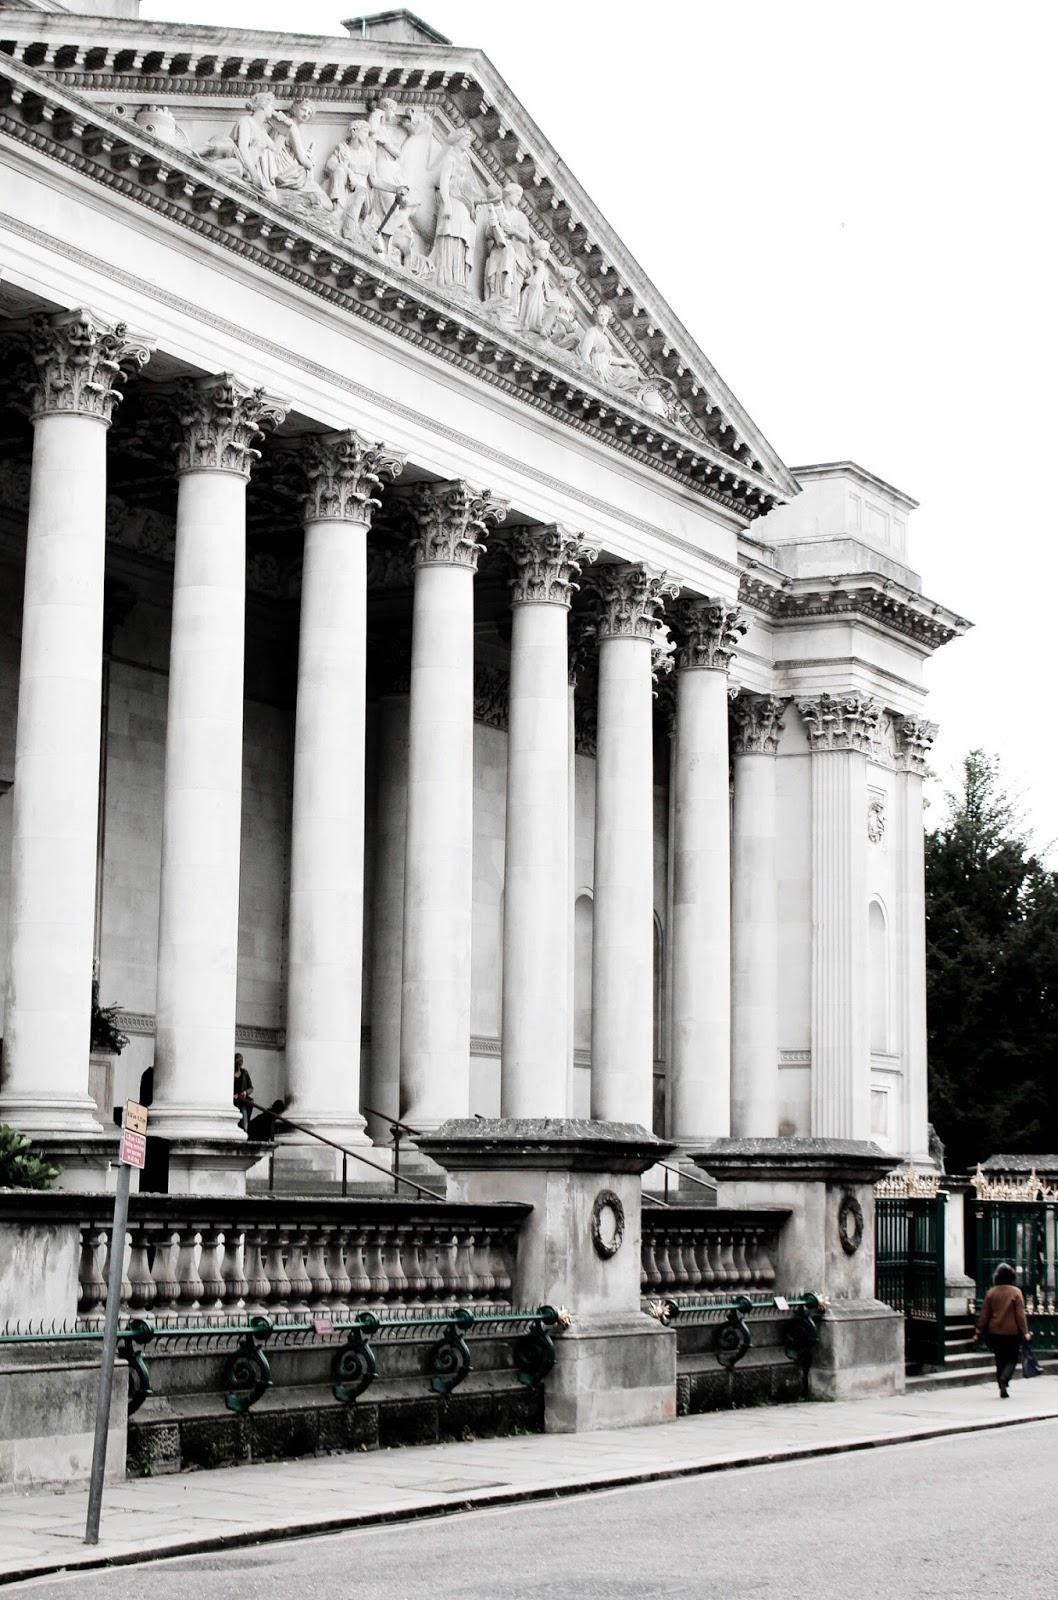 The Fitzwilliam Museum Architecture in Cambridge